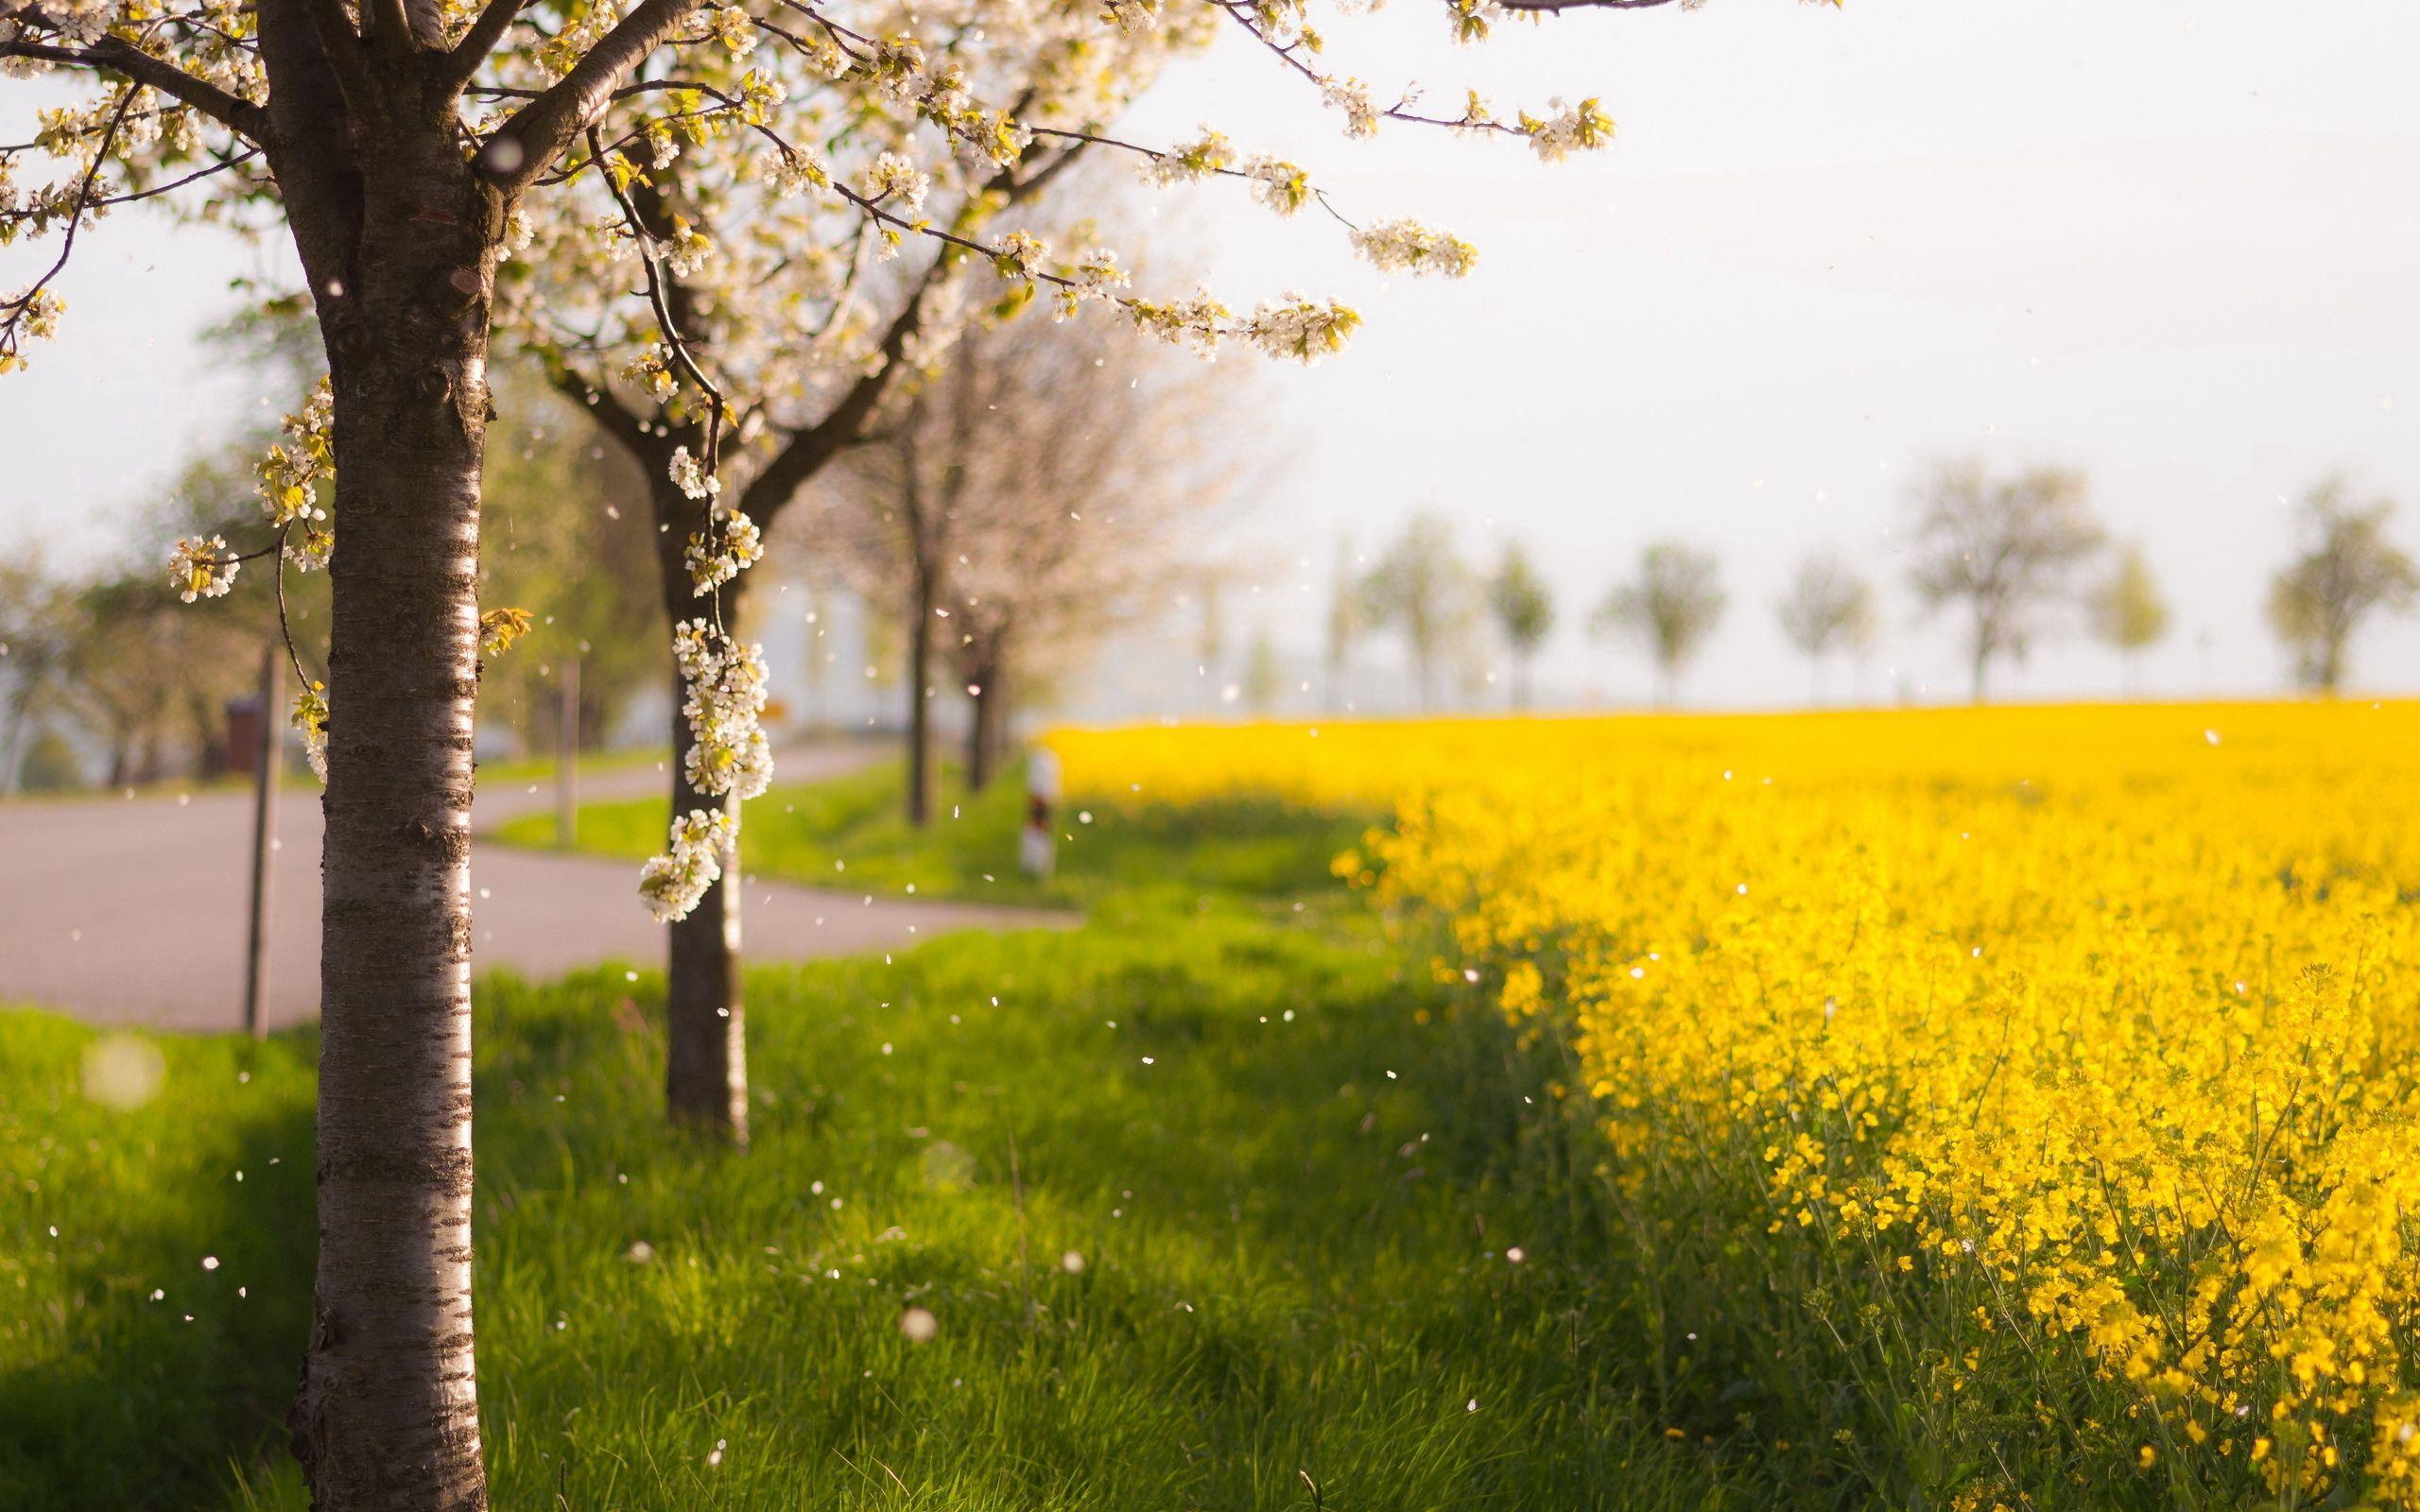 154755 скачать Желтые обои на телефон бесплатно, Природа, Деревья, Лепестки, Цветение, Поле, Весна Желтые картинки и заставки на мобильный